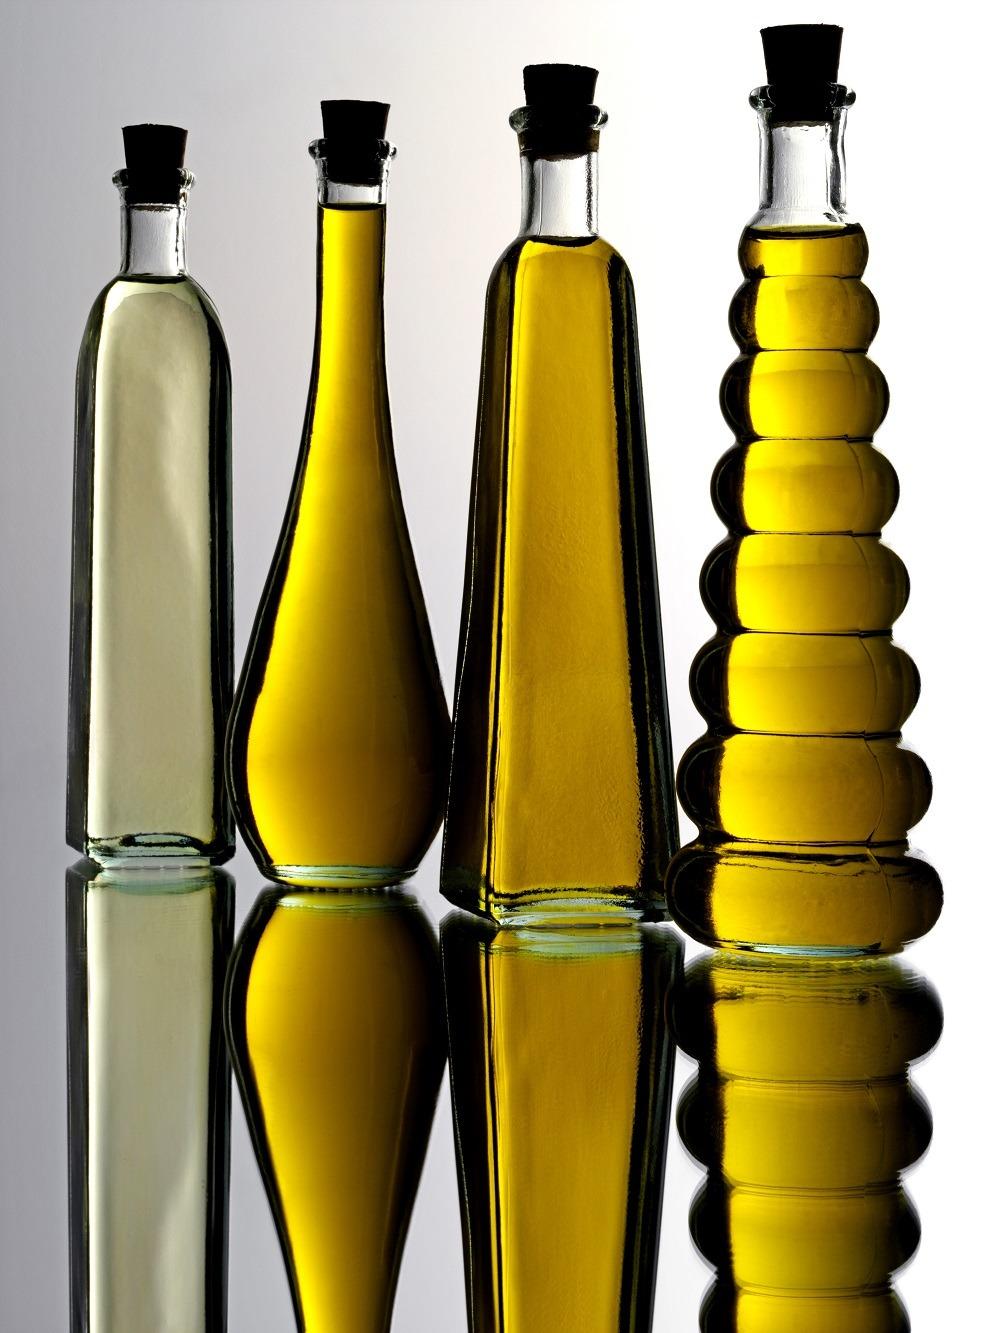 Szukasz zdrowego oleju? Poznaj Olejarnię Gaja